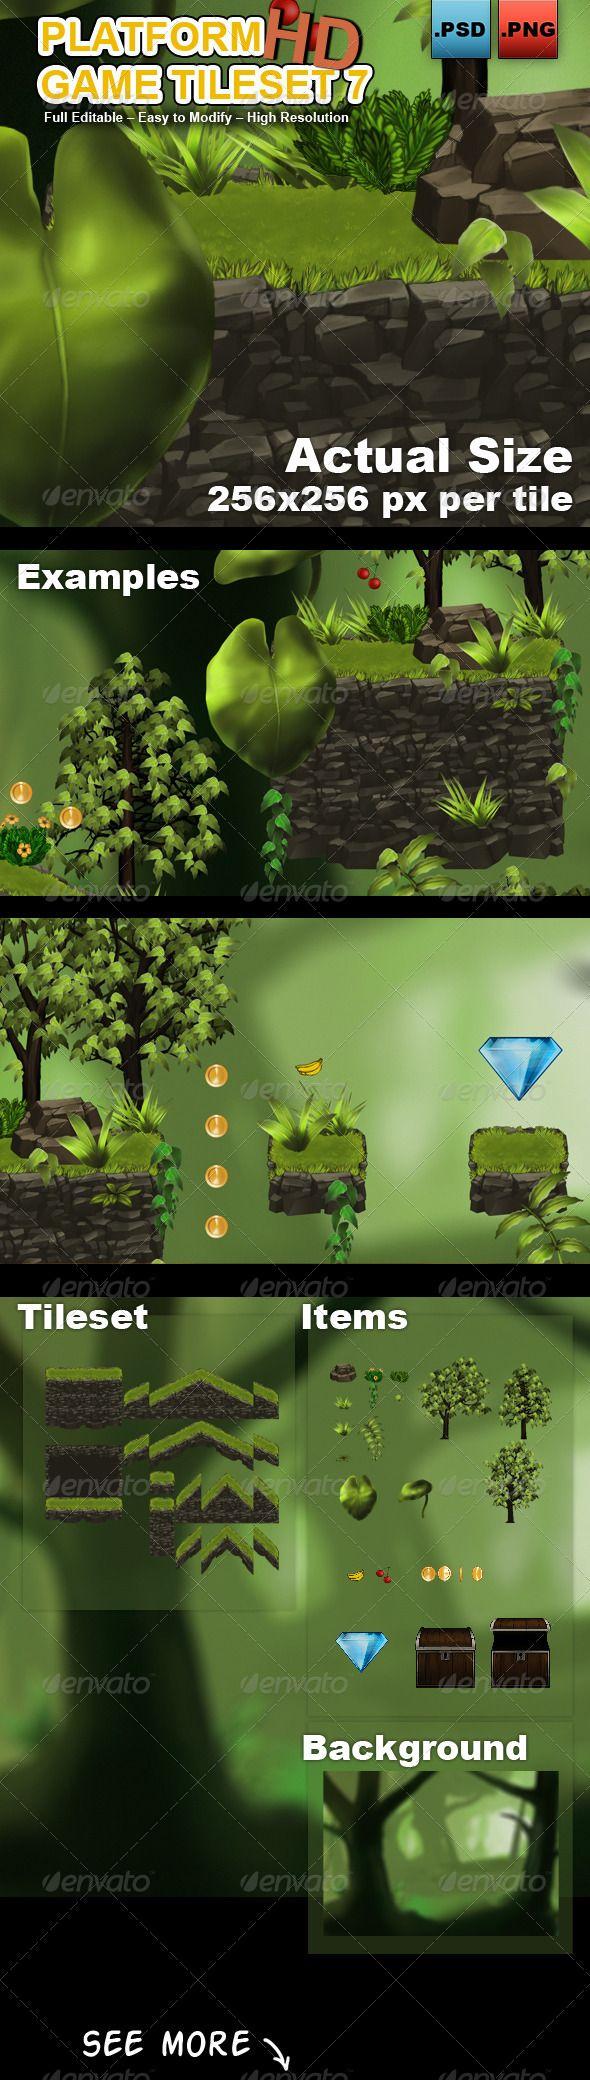 Platform Game Tileset 7 HD